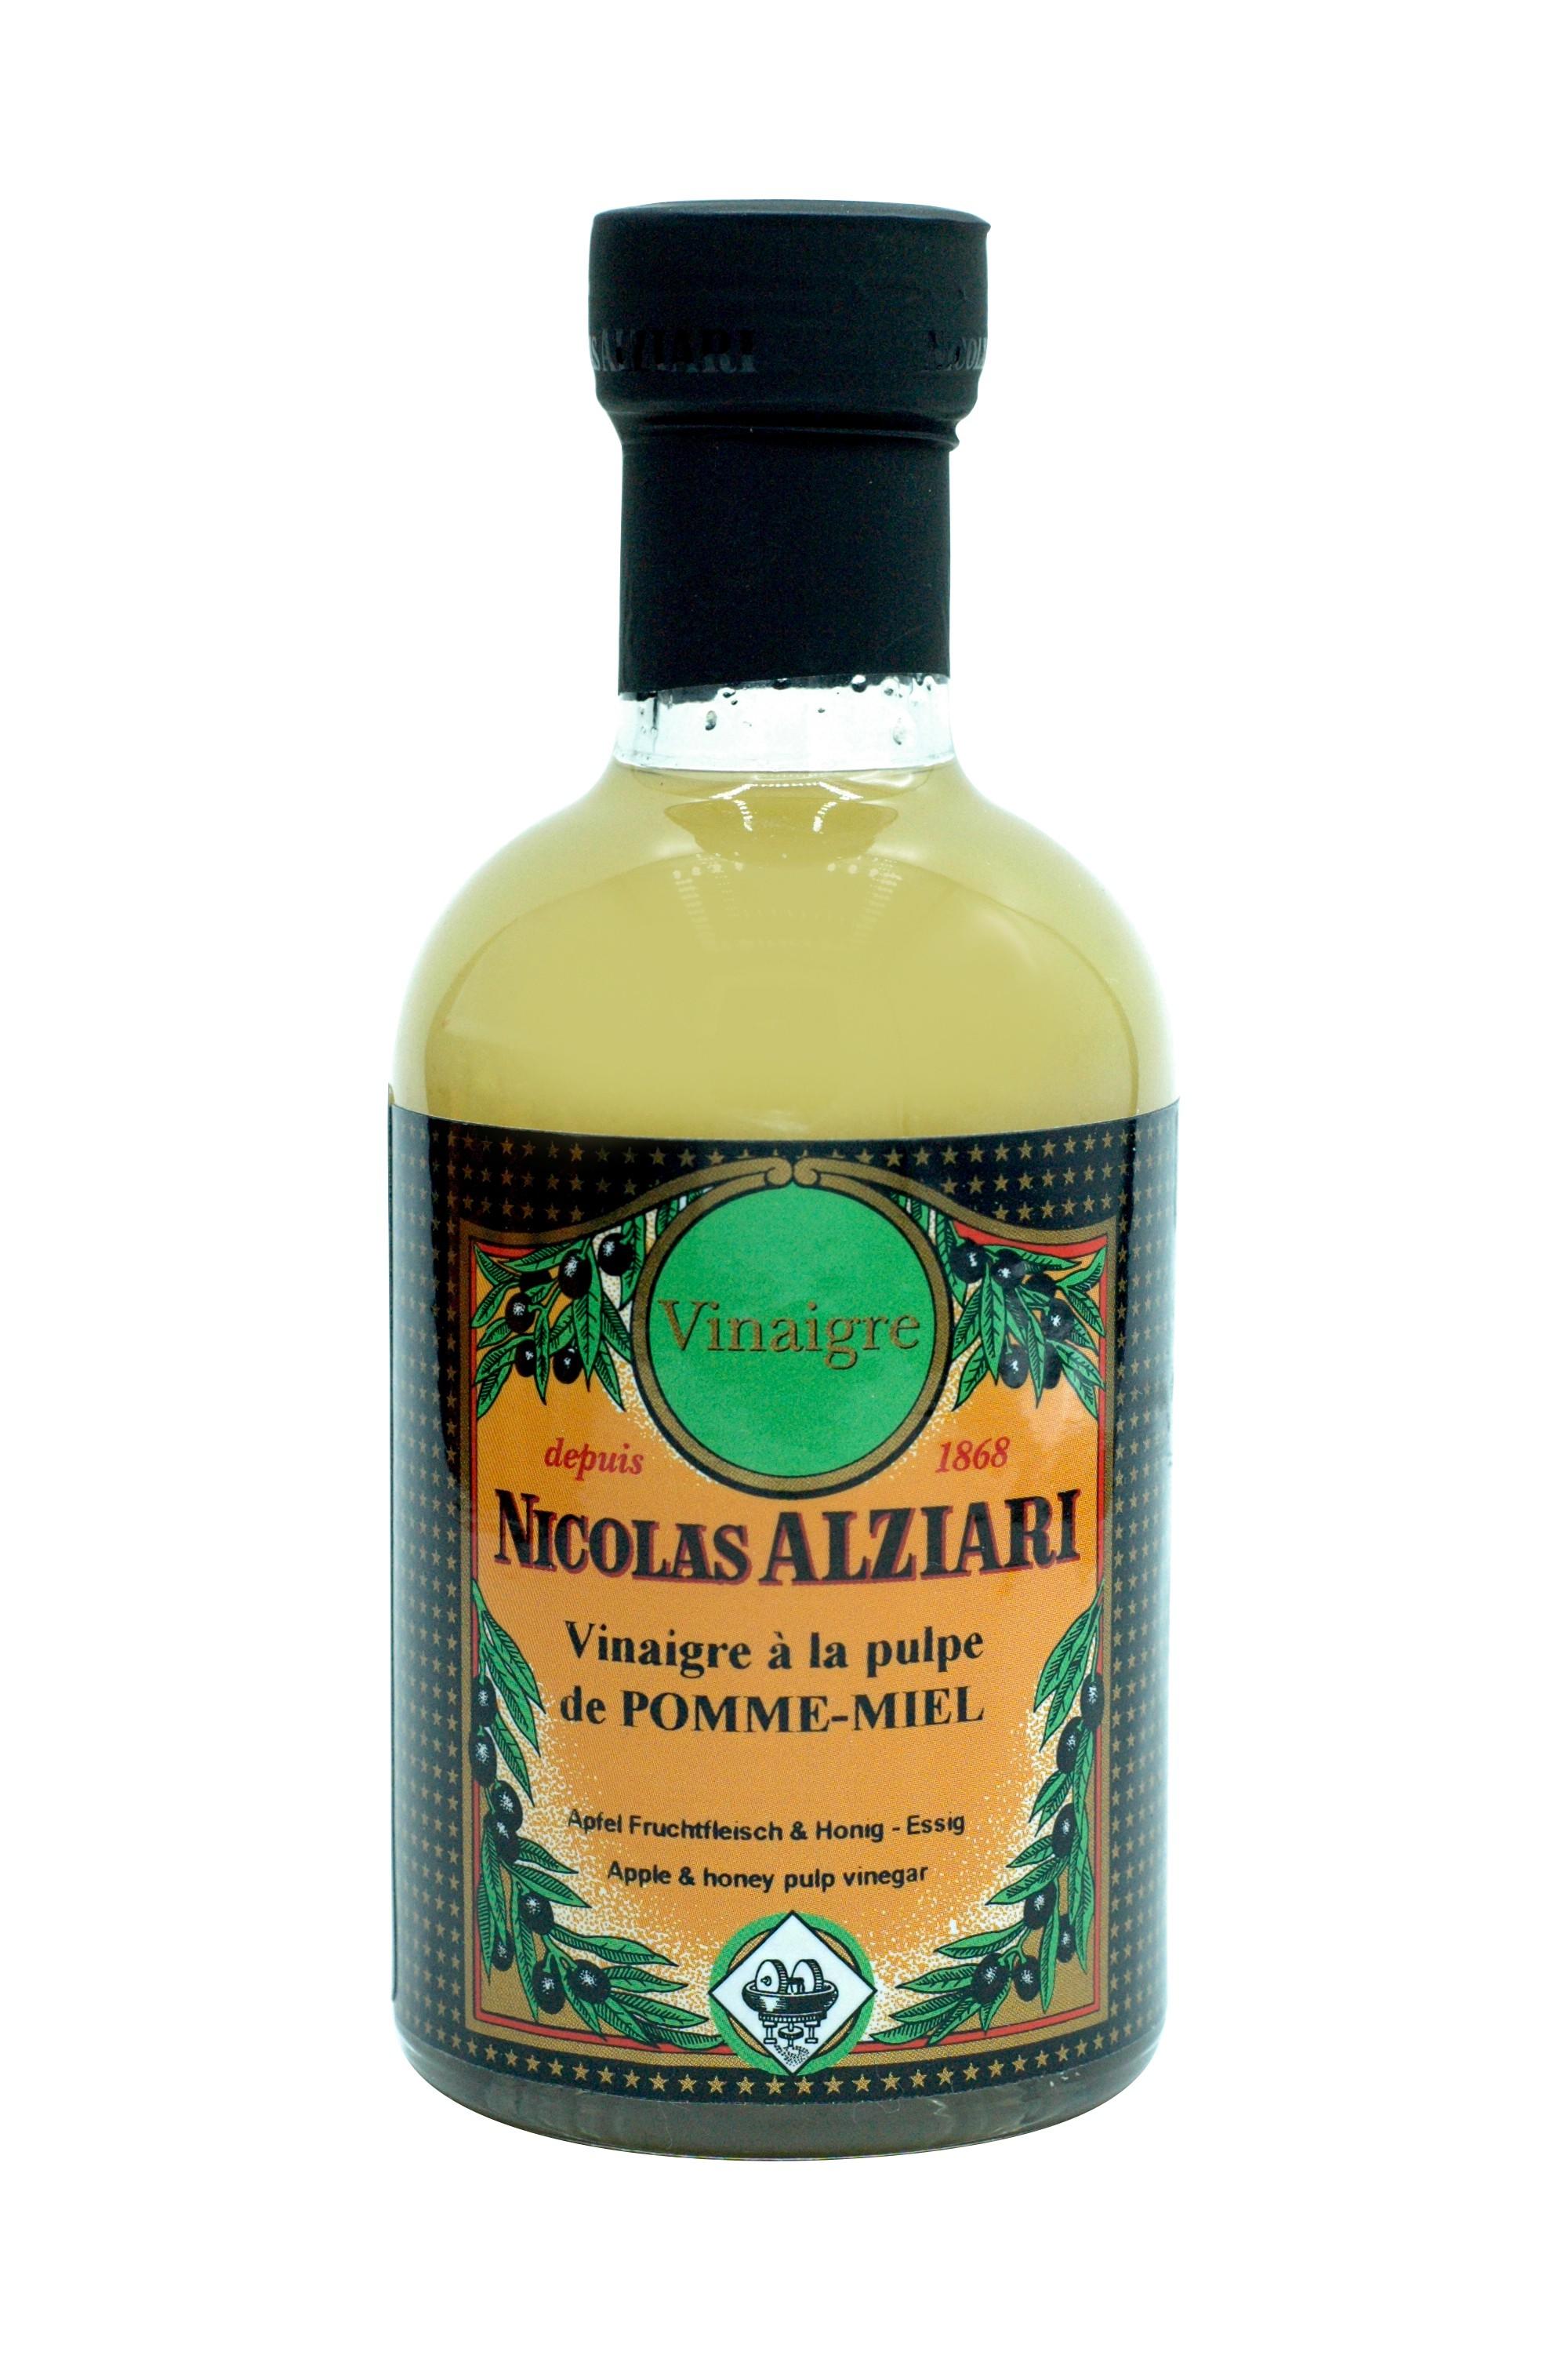 200ml Flasche Apfel Fruchtfleisch & Honig - Essig